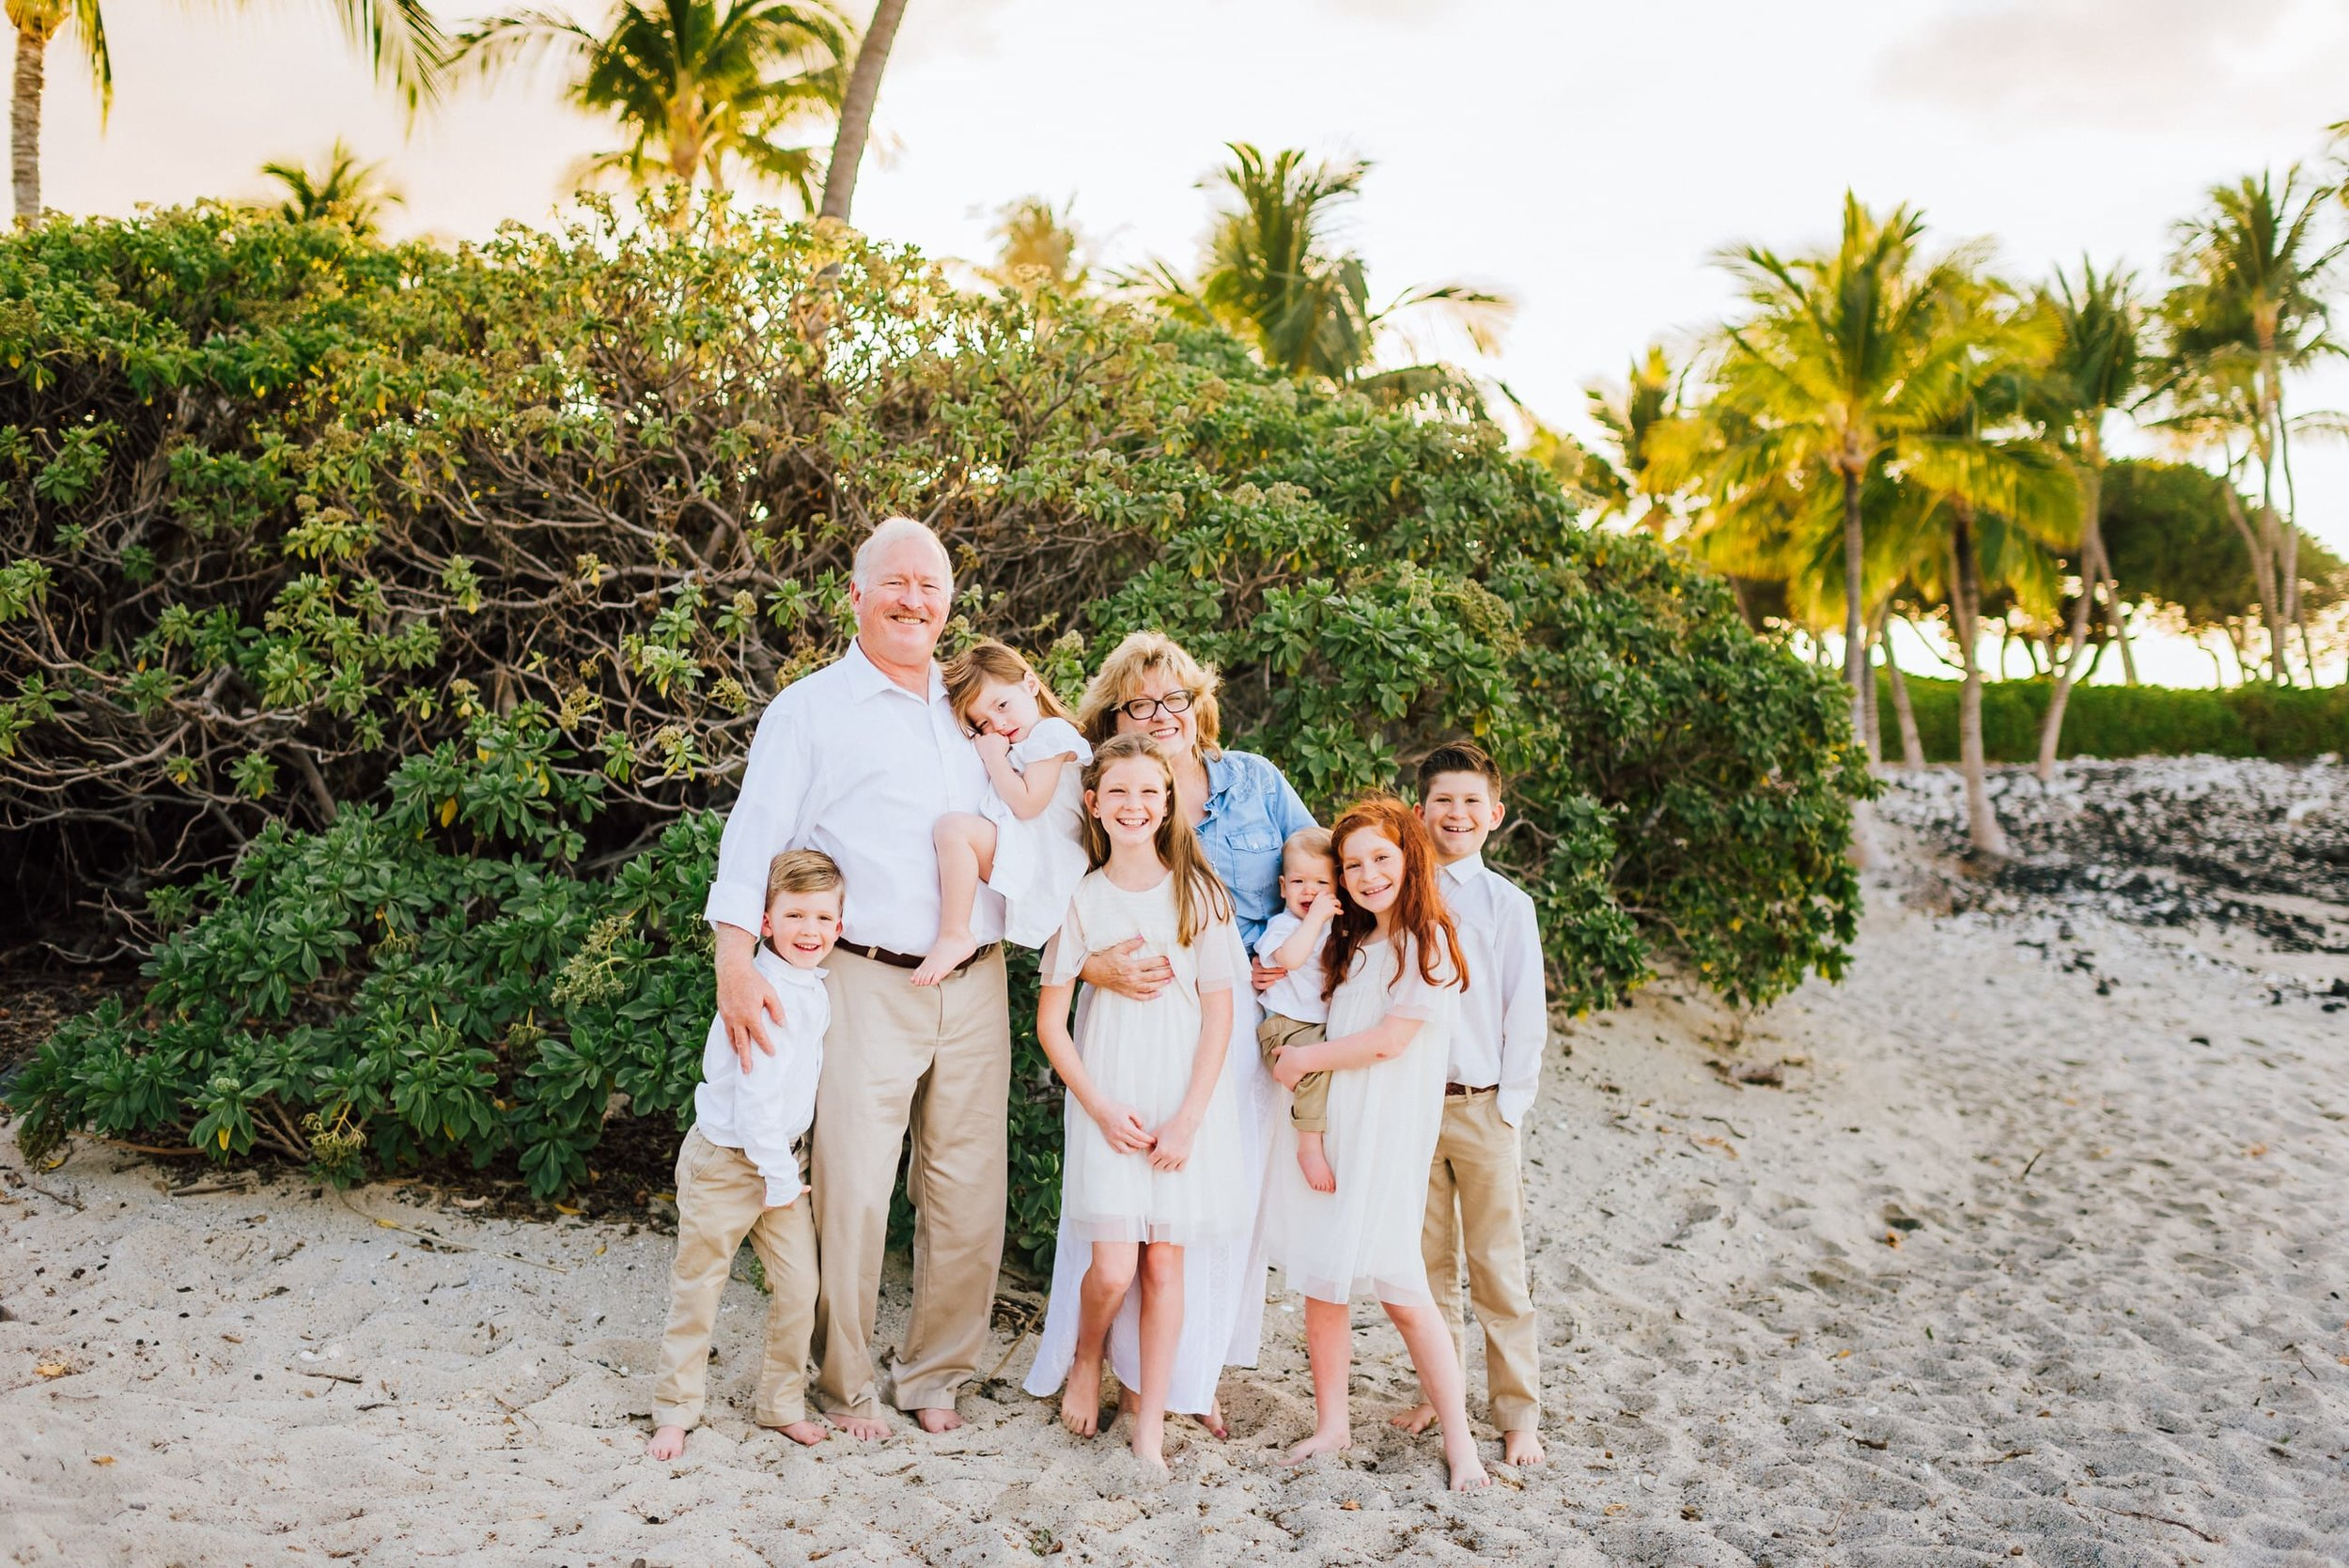 Hawaii-Family-Photos-Beach-Waikoloa-12.jpg